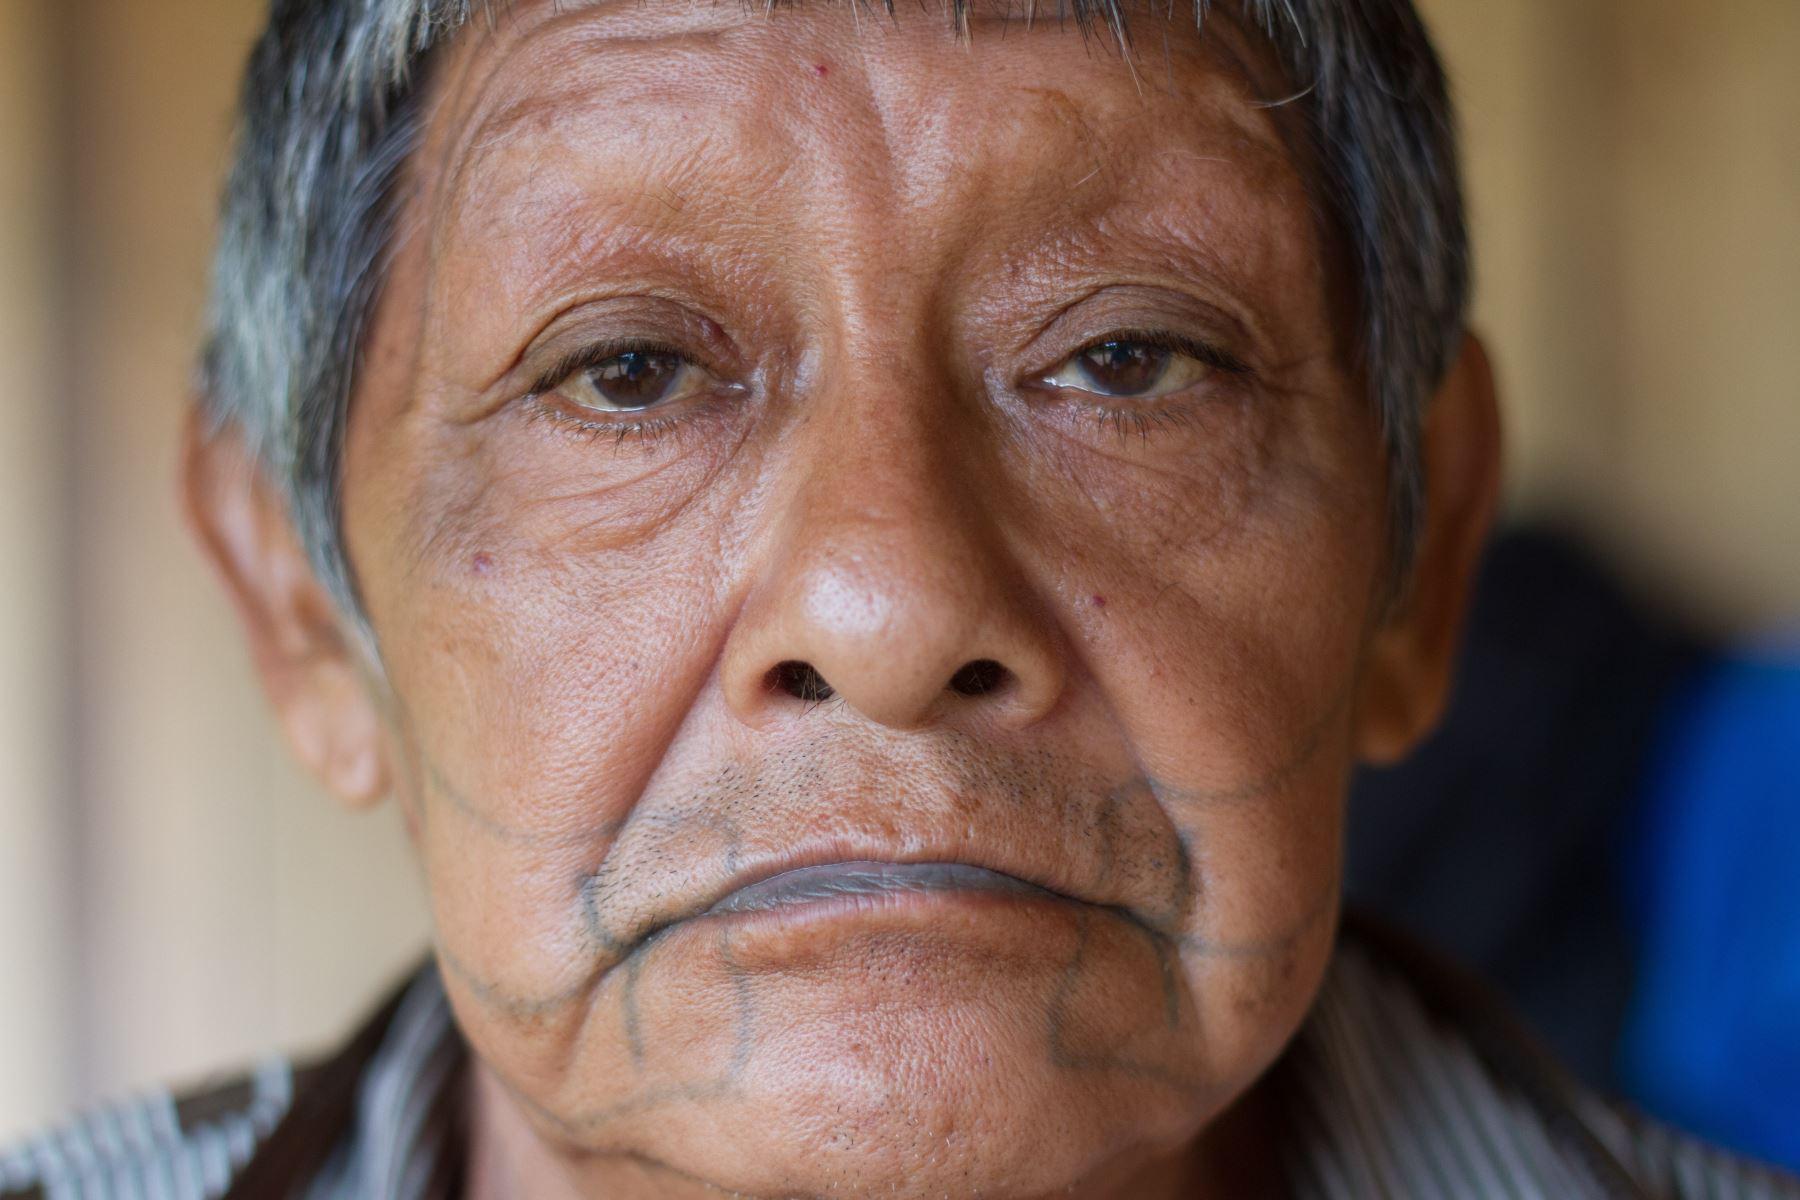 Fotografía cedida por la Asociación de Defensa Etnoambiental Kanindé y fechada el 4 de febrero de 2016 que muestra a Aruká Juma (foto), el último chamán de los Juma de Brasil. Sobrevivió a varias masacres que casi exterminaron a su pueblo, pero no a la covid-19. Foto: EFE